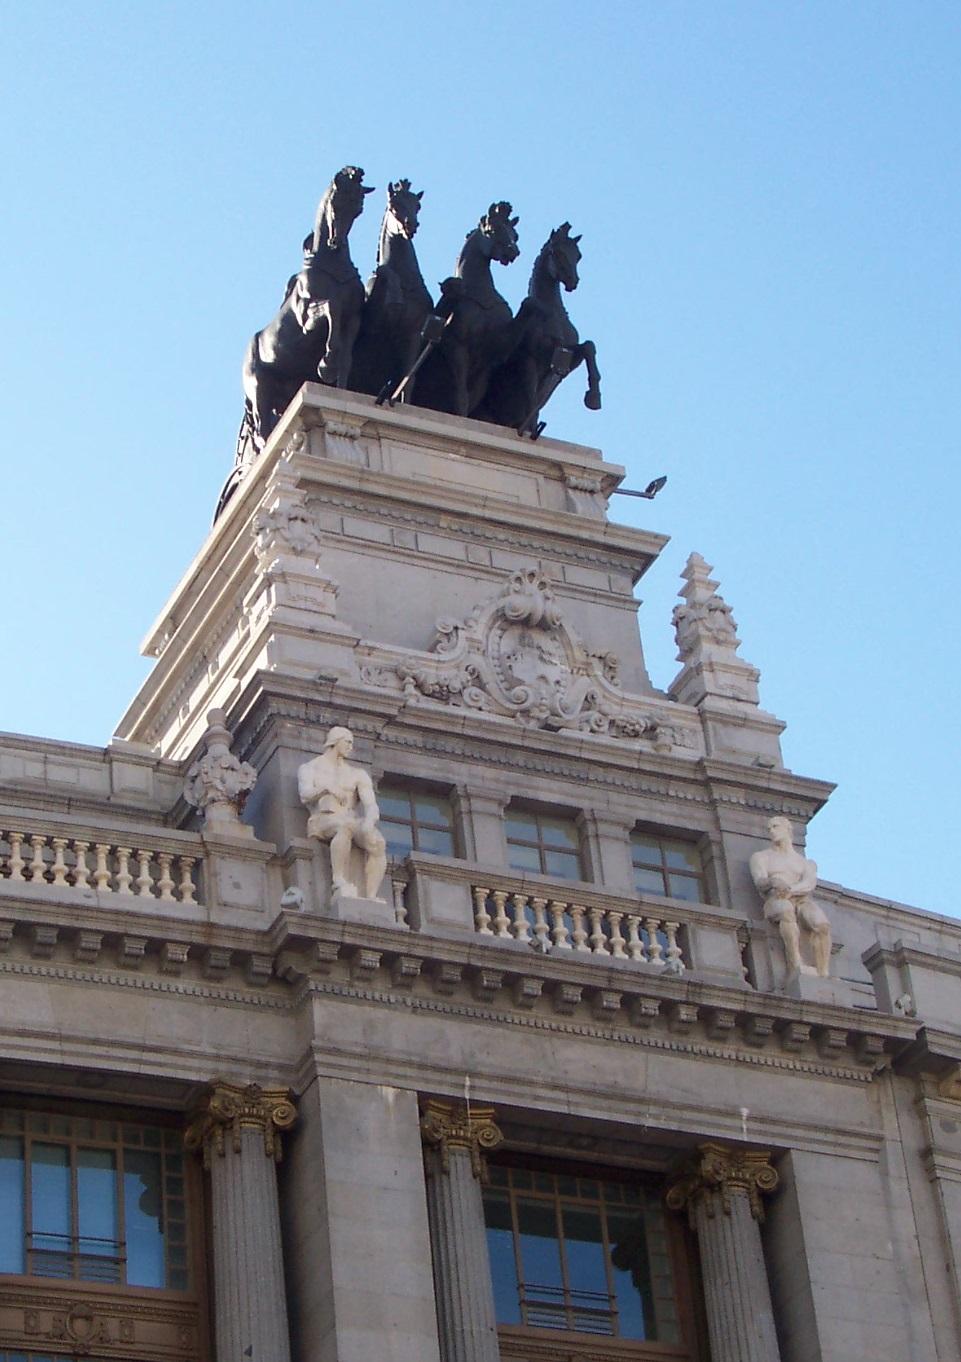 Arteli mirando hacia el cielo de madrid - El cielo de madrid ...